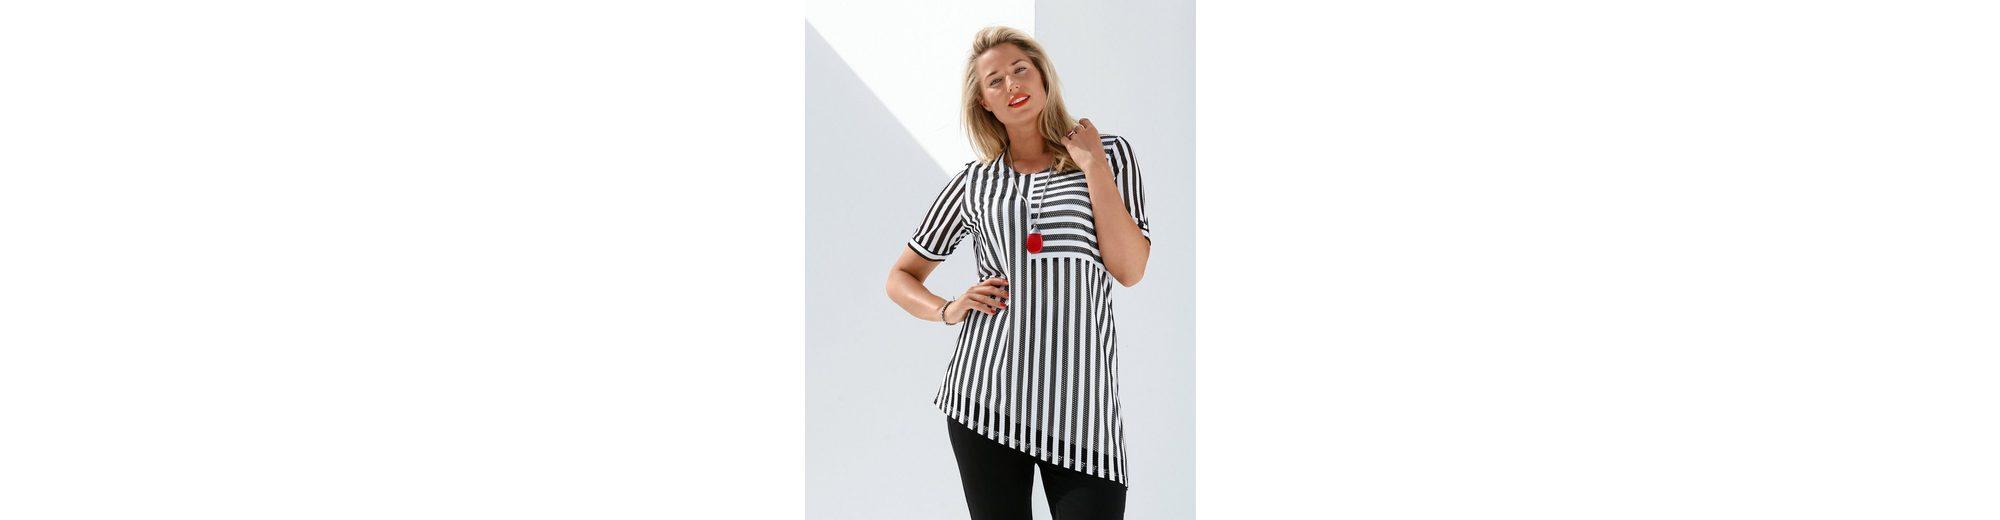 MIAMODA Shirt in Streifen-Optik Verkauf Hochwertige Preiswerte Neue Billig Perfekt Mit Dem Verkauf Kreditkarte Online haQurvM